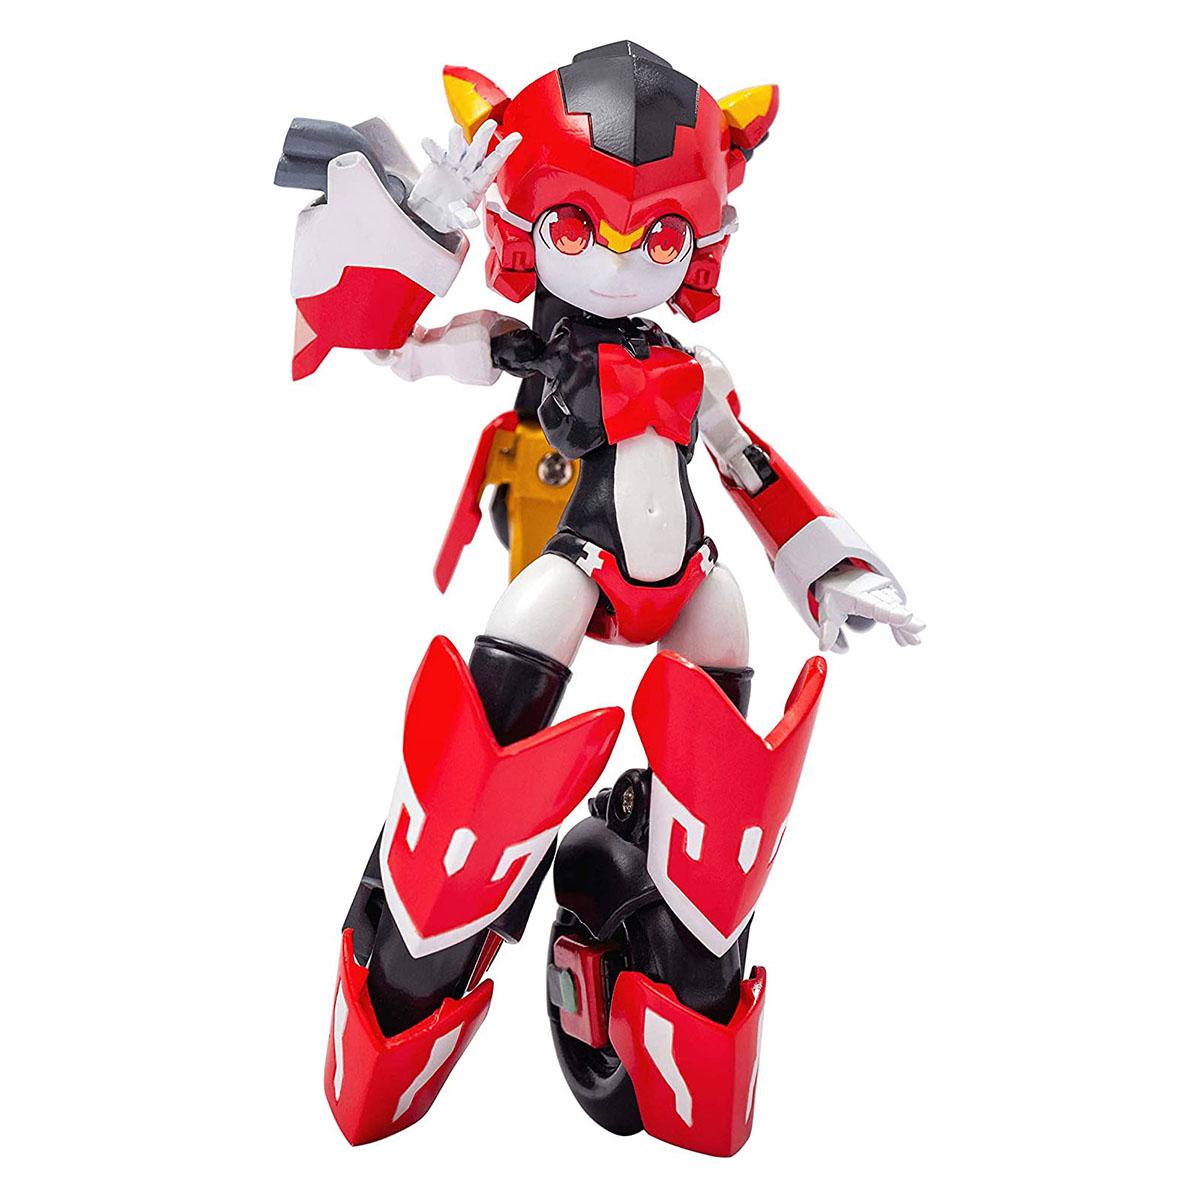 魔姫変形シリーズ『疾速紅音(スカーレットソニック)』可変可動フィギュア-001